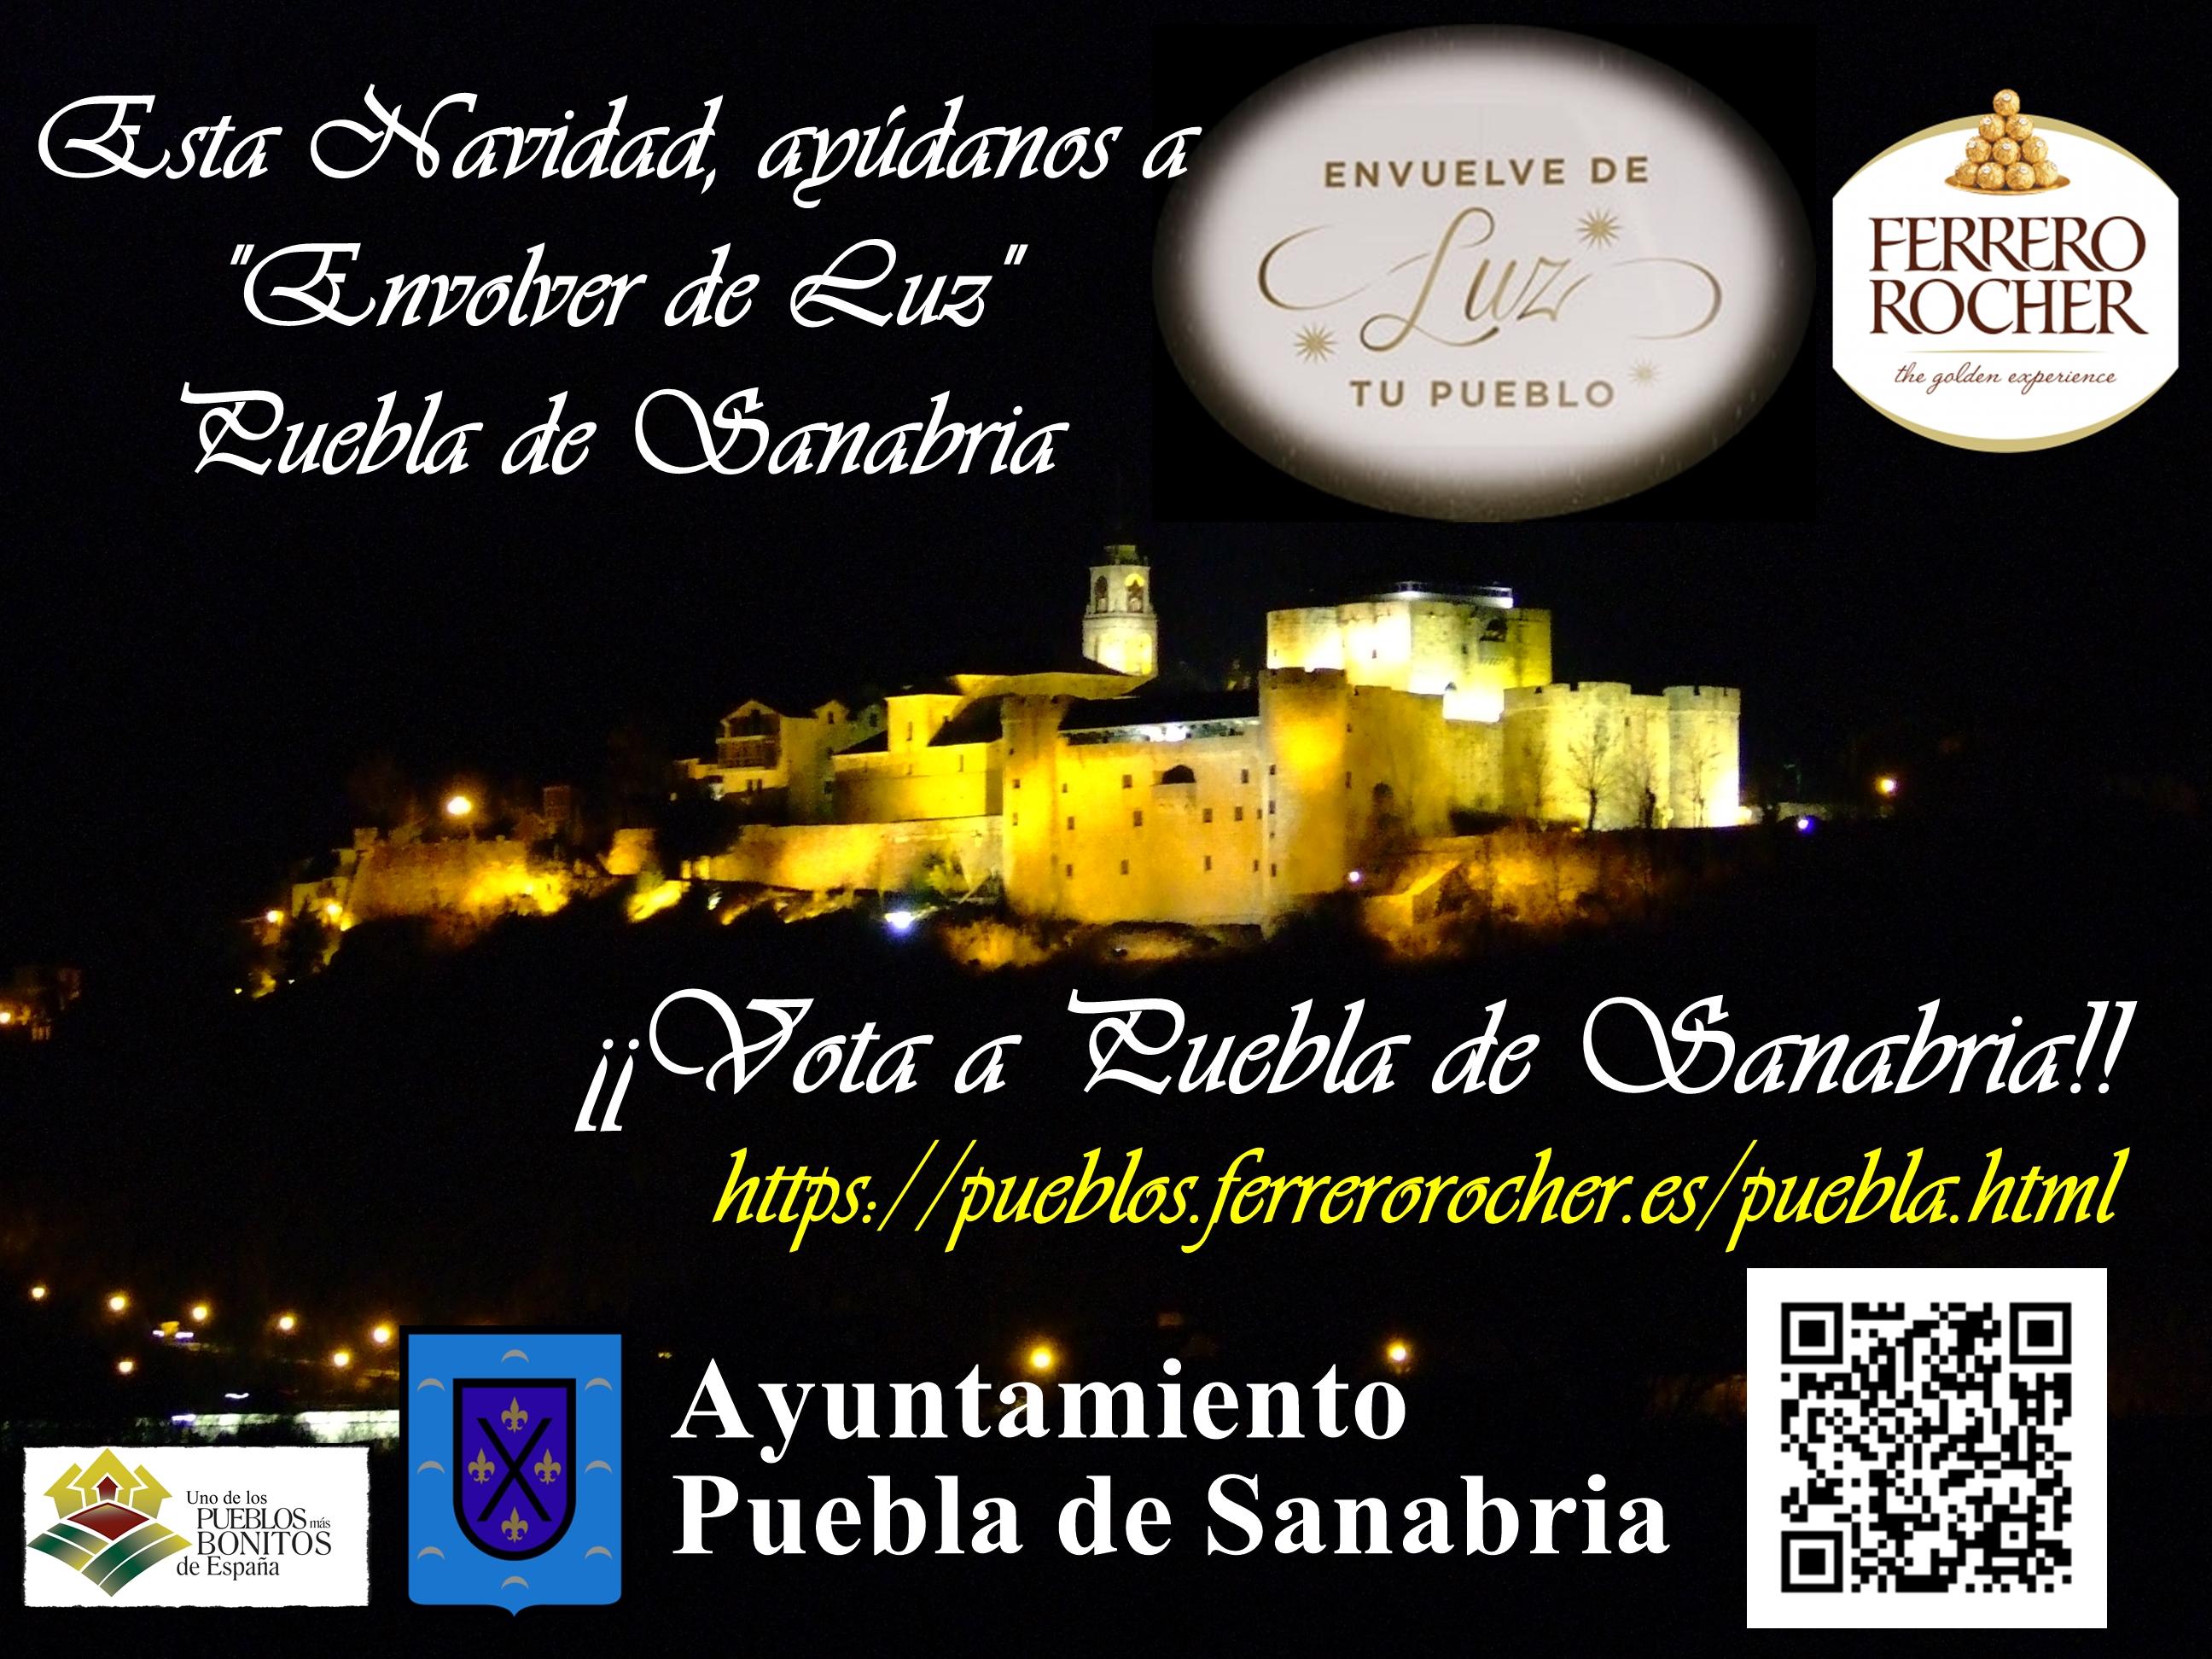 Puebla De Sanabria Es Uno De Los Seis Municipios Que Opta Este Año A Disfrutar De La Espectacular Iluminación Navideña De Ferrero Rocher